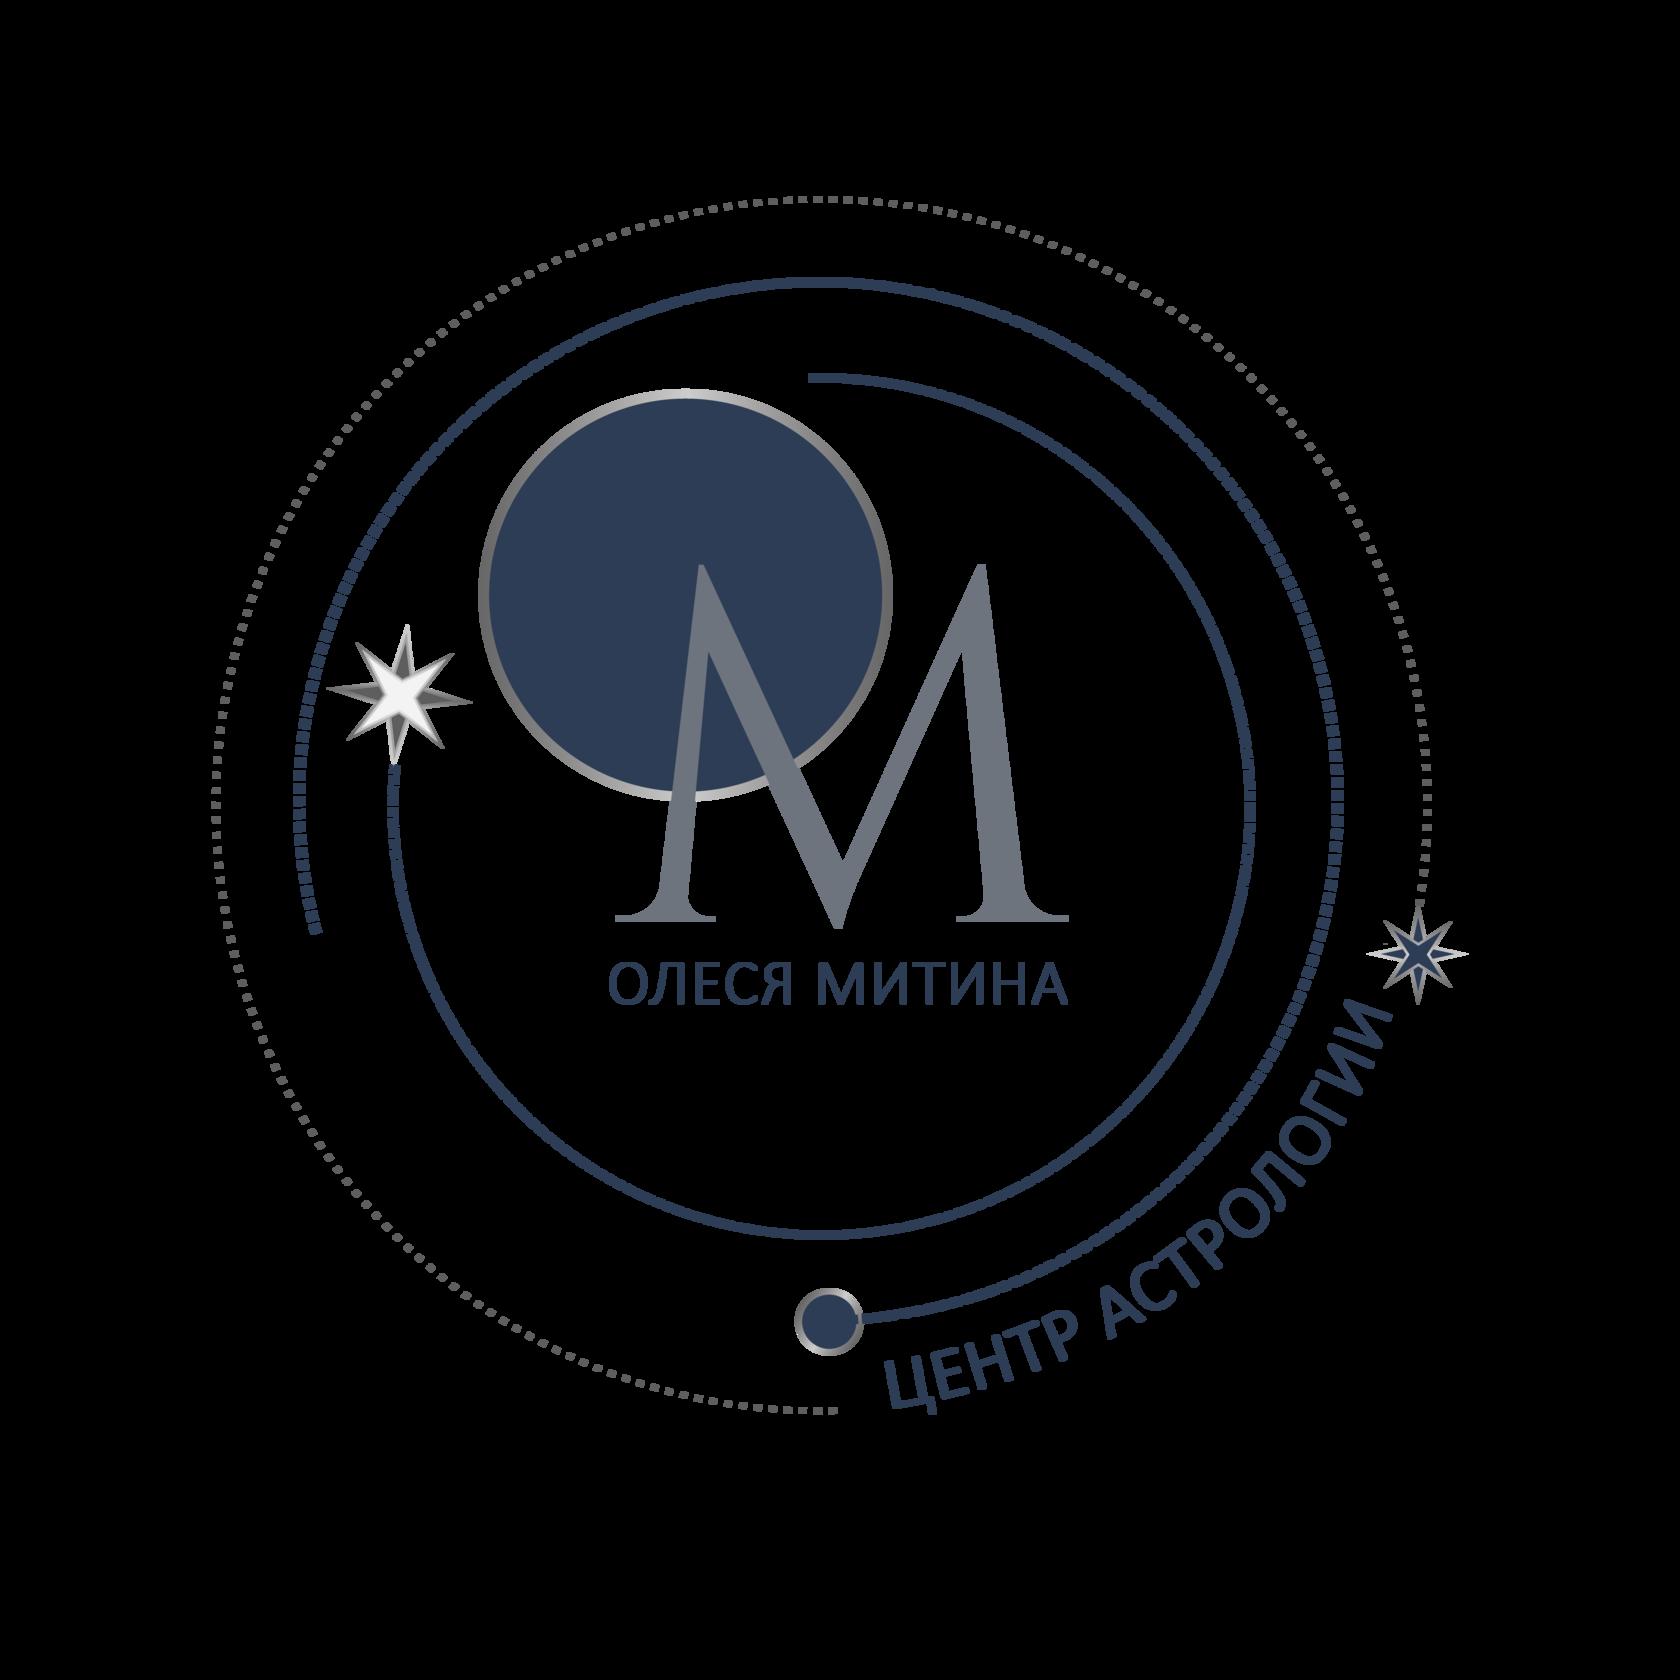 Центр Астрологии Олеси Митиной